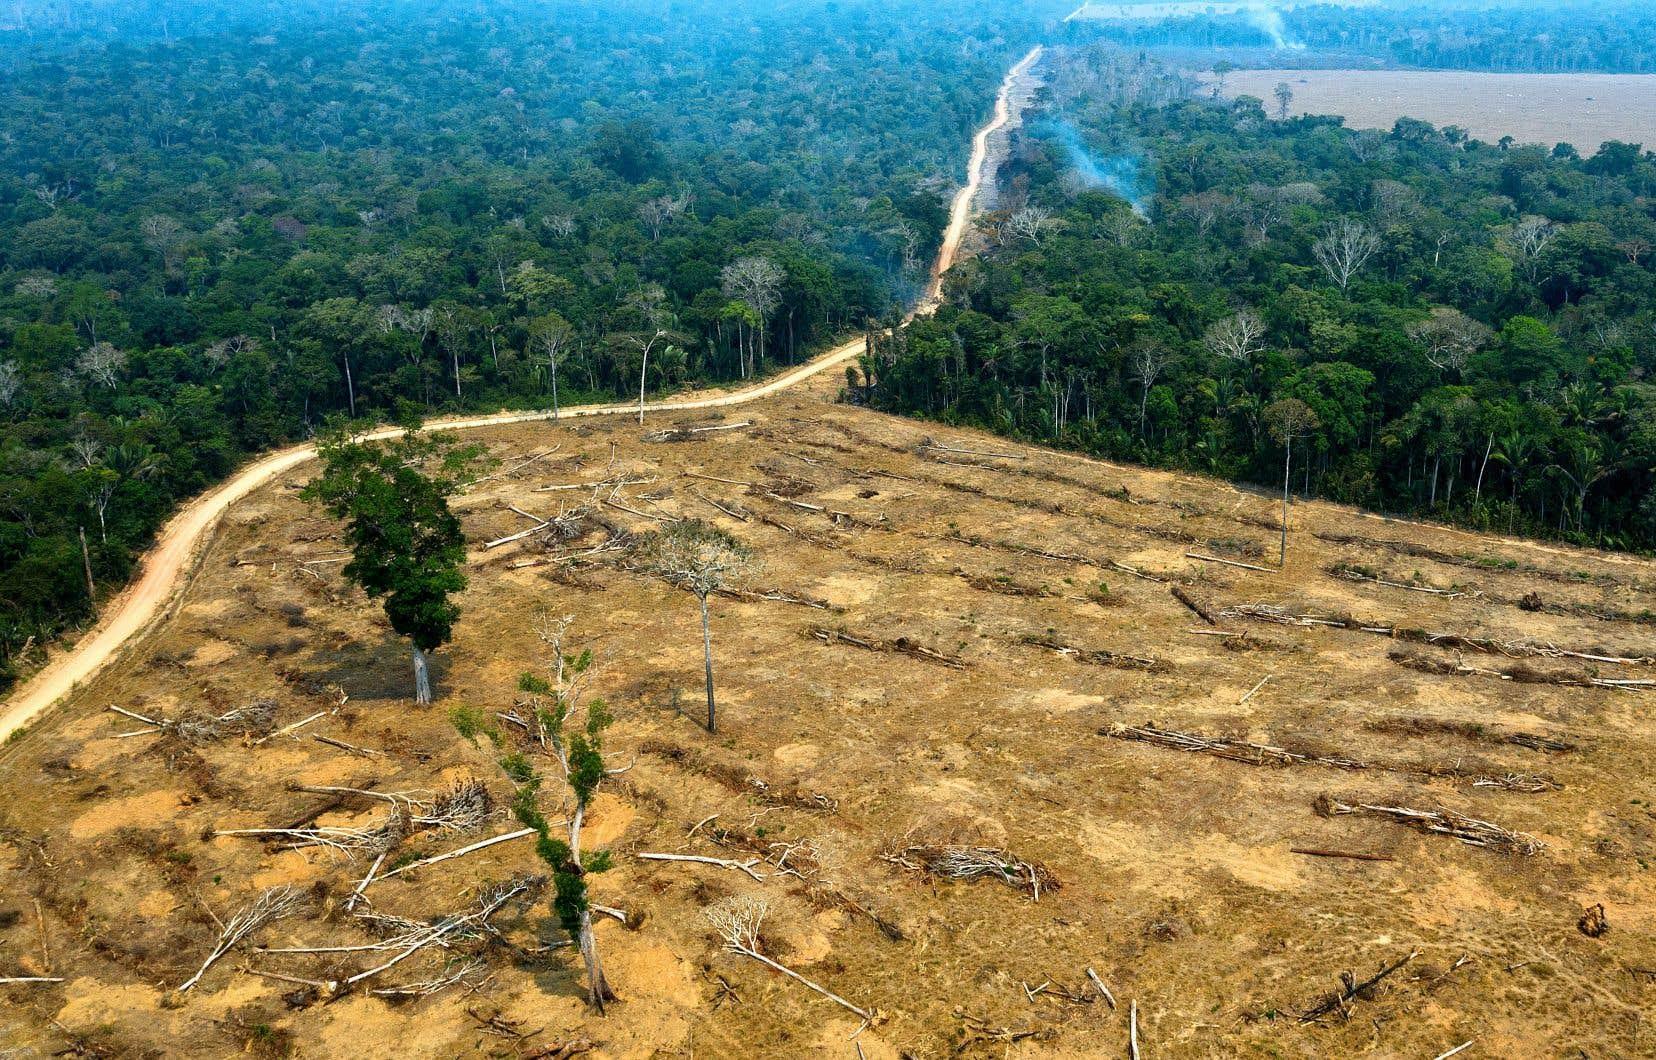 Environ 20% des 5,5 millions de kilomètres carrés de la forêt amazonienne ont été rasés depuis 1970, en grande partie pour cultiver du soja, de l'huile de palme, des biocarburants ou pour l'élevage bovin.